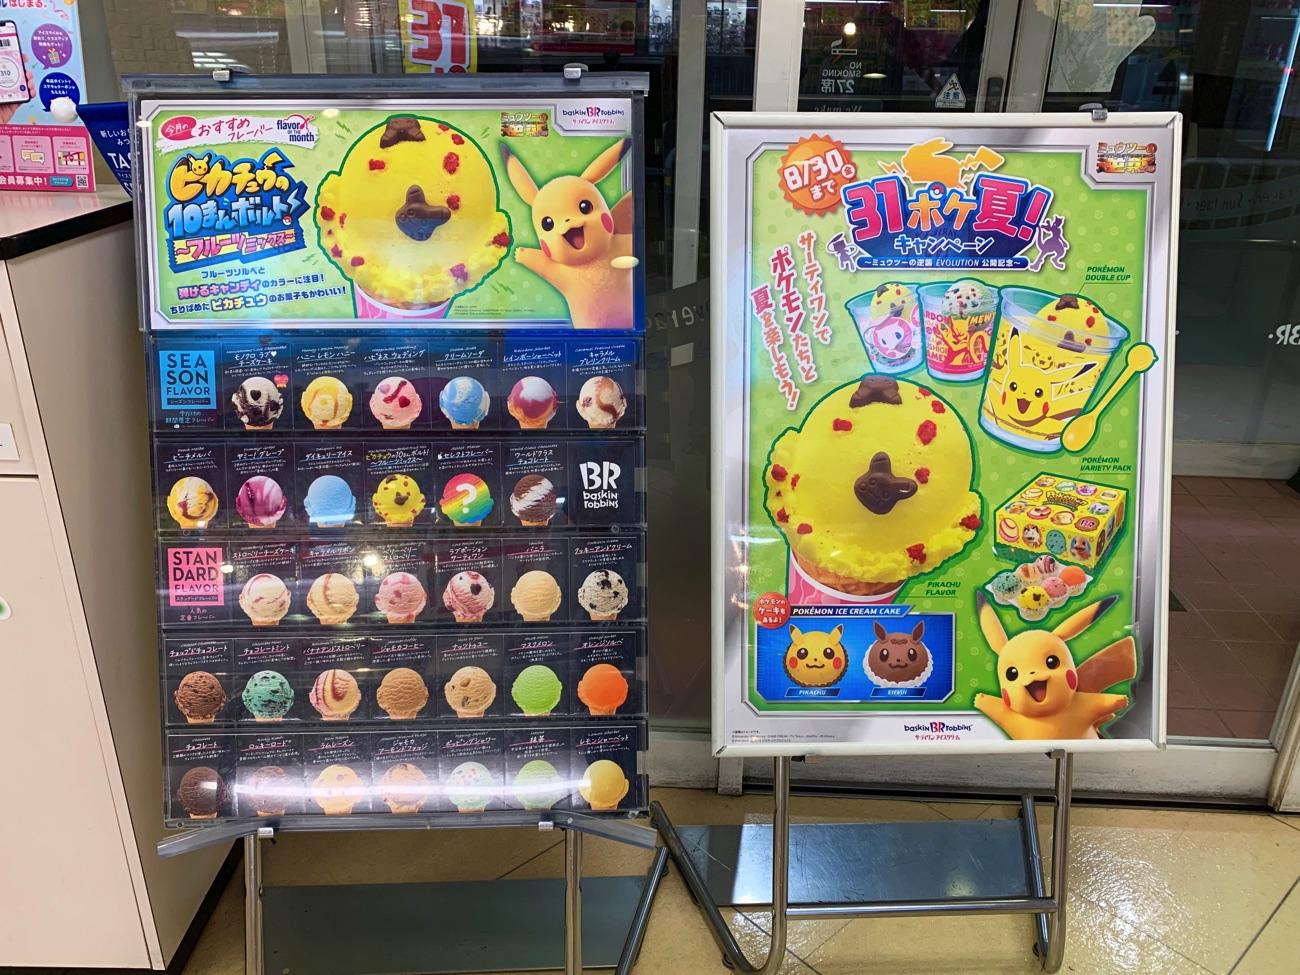 31ポケ夏キャンペーンのポスター